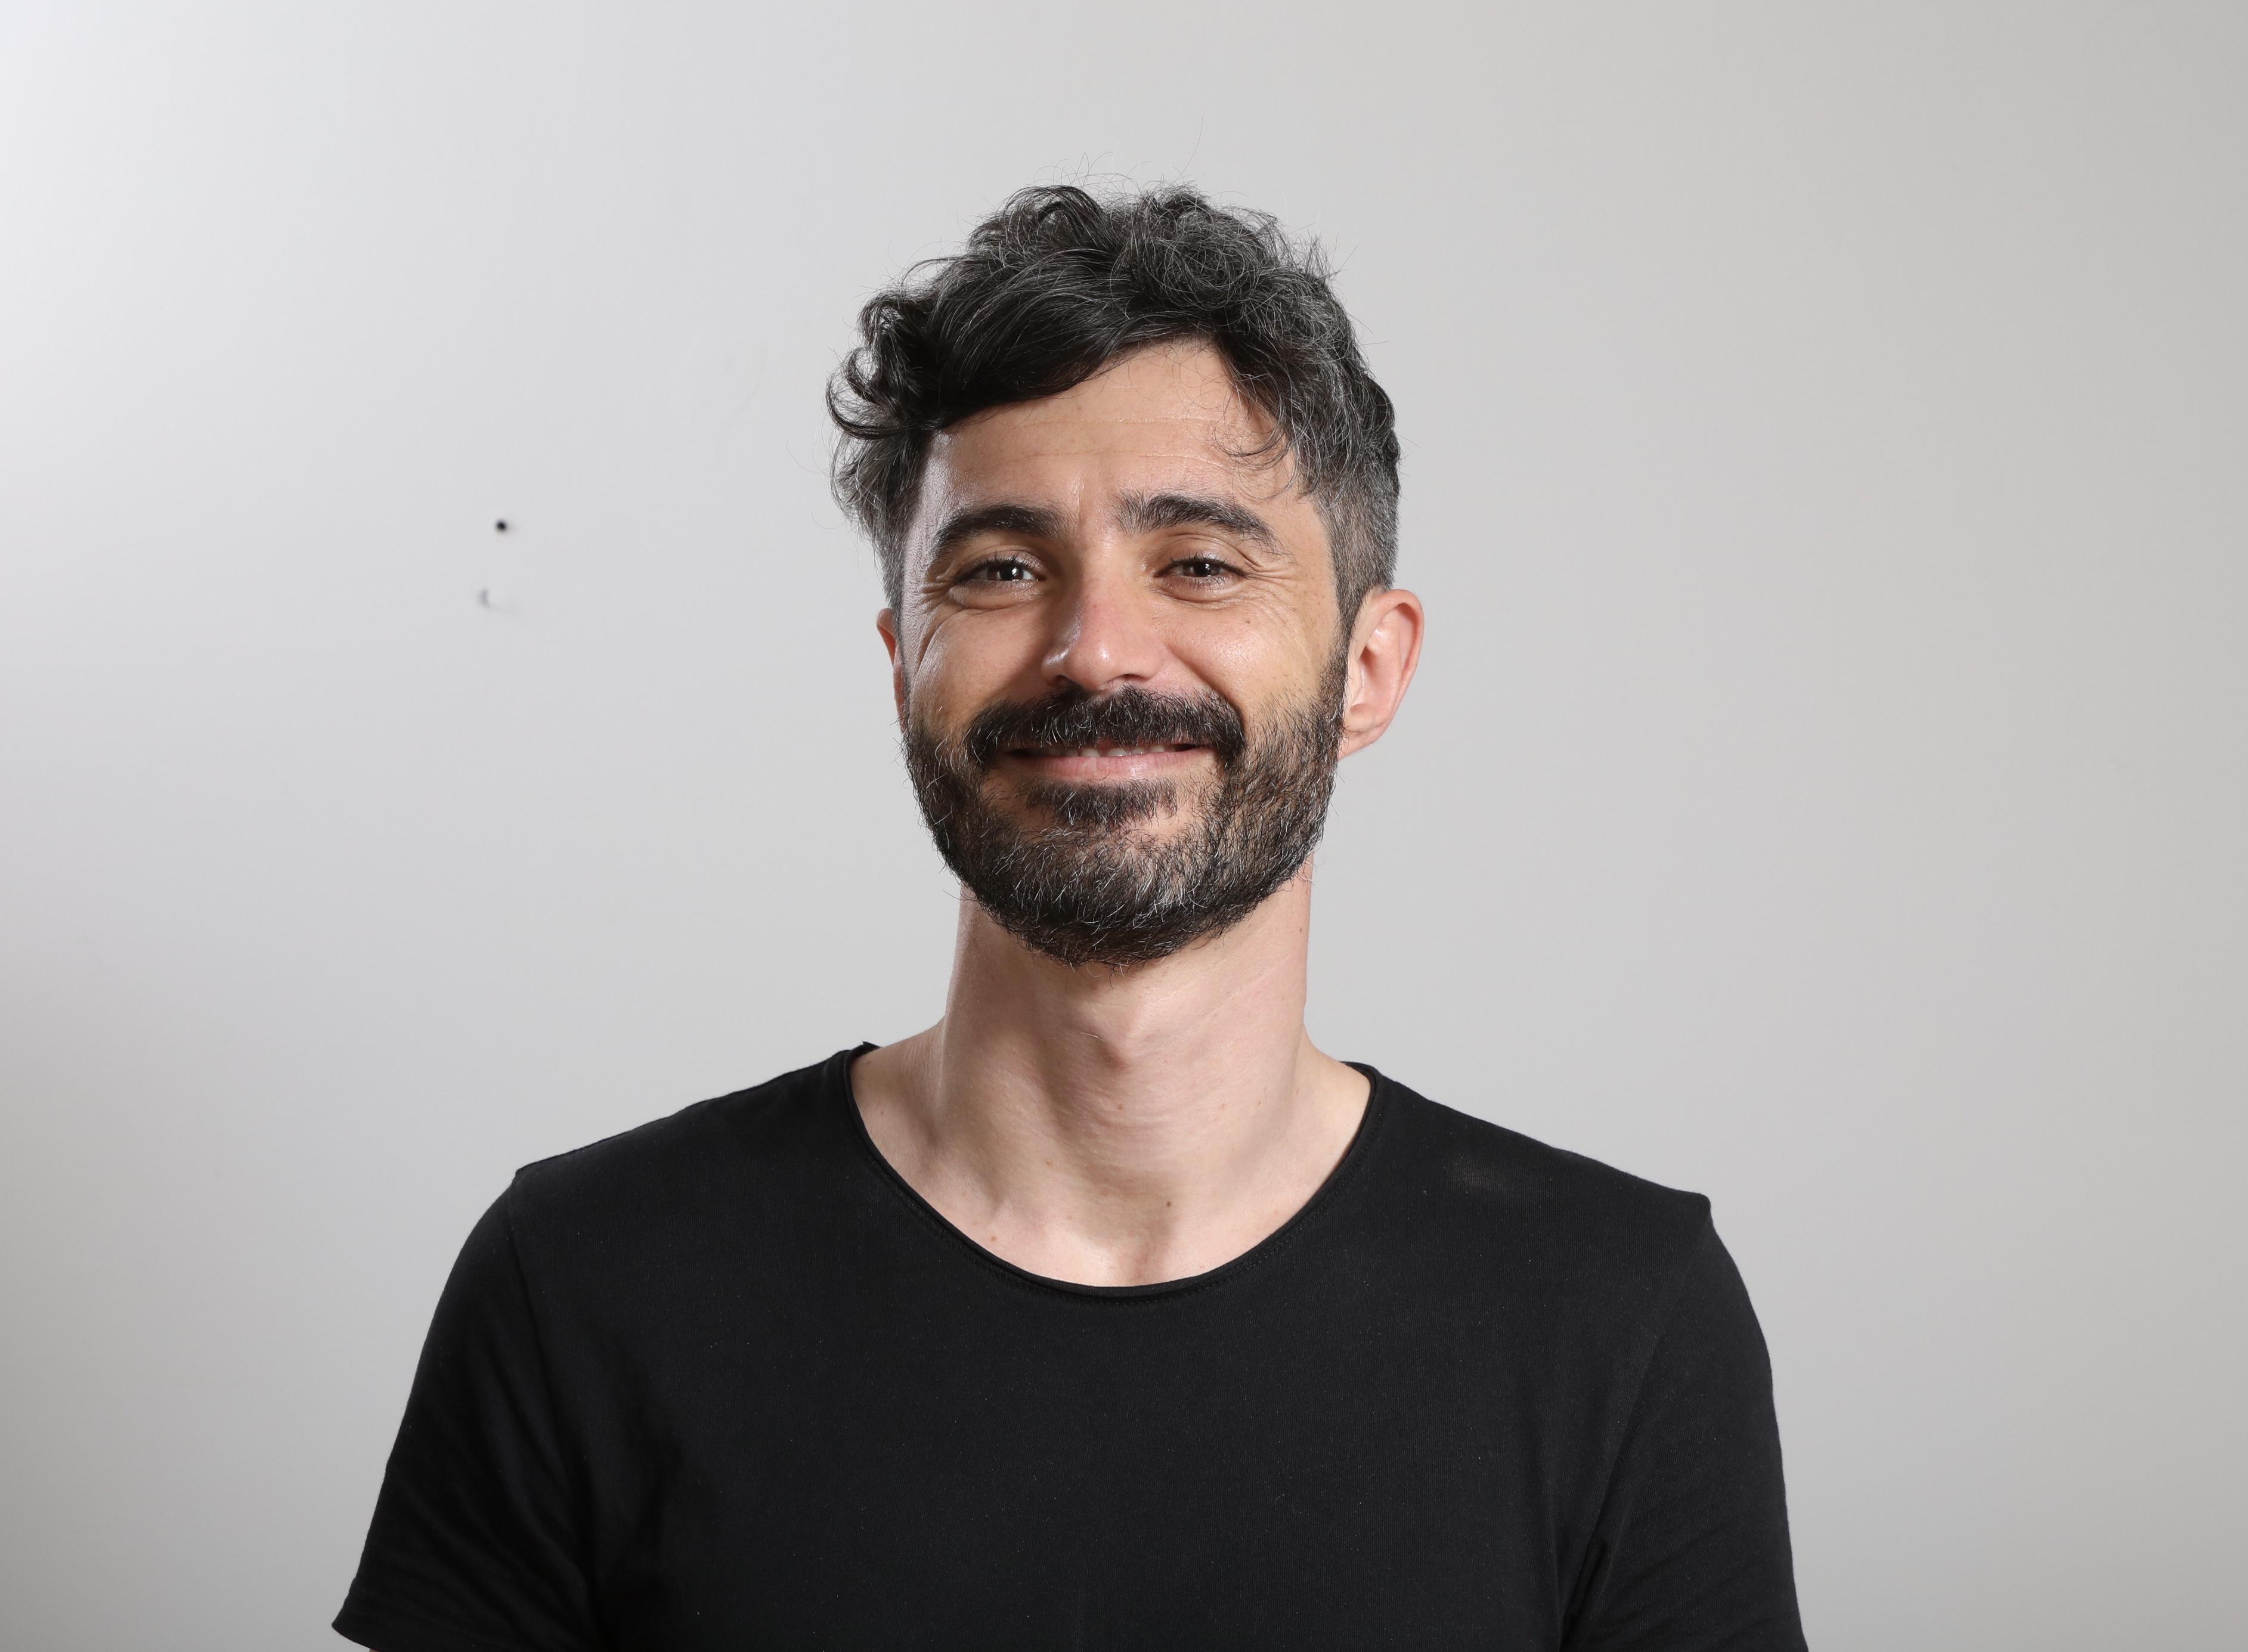 giacomo étudiant Espagne Italie France marketing créativité interview